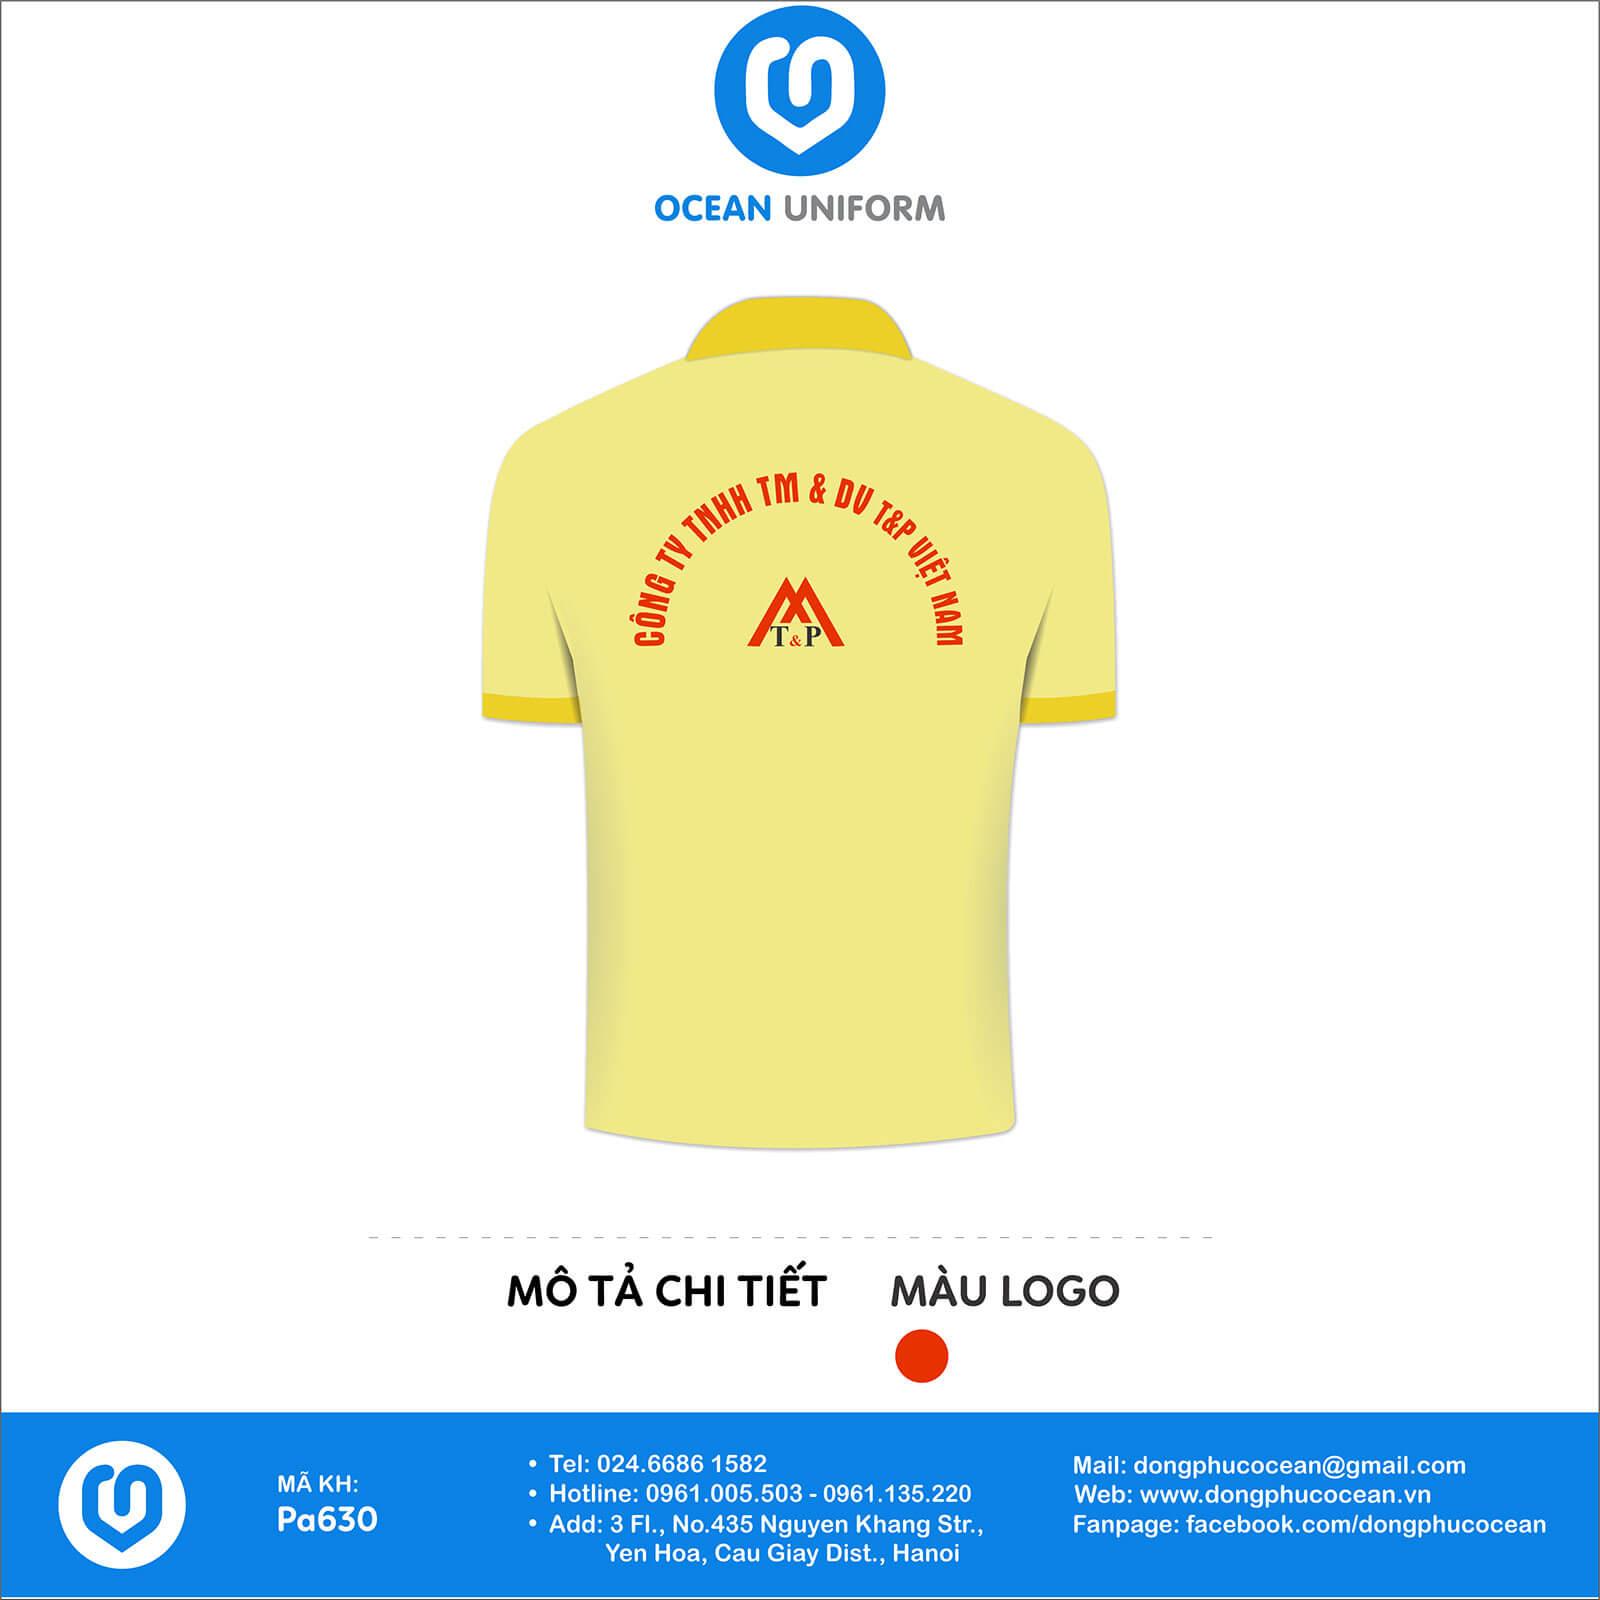 Đồng phục nhân viên Công ty TNHH T&P Việt Nam mặt sau